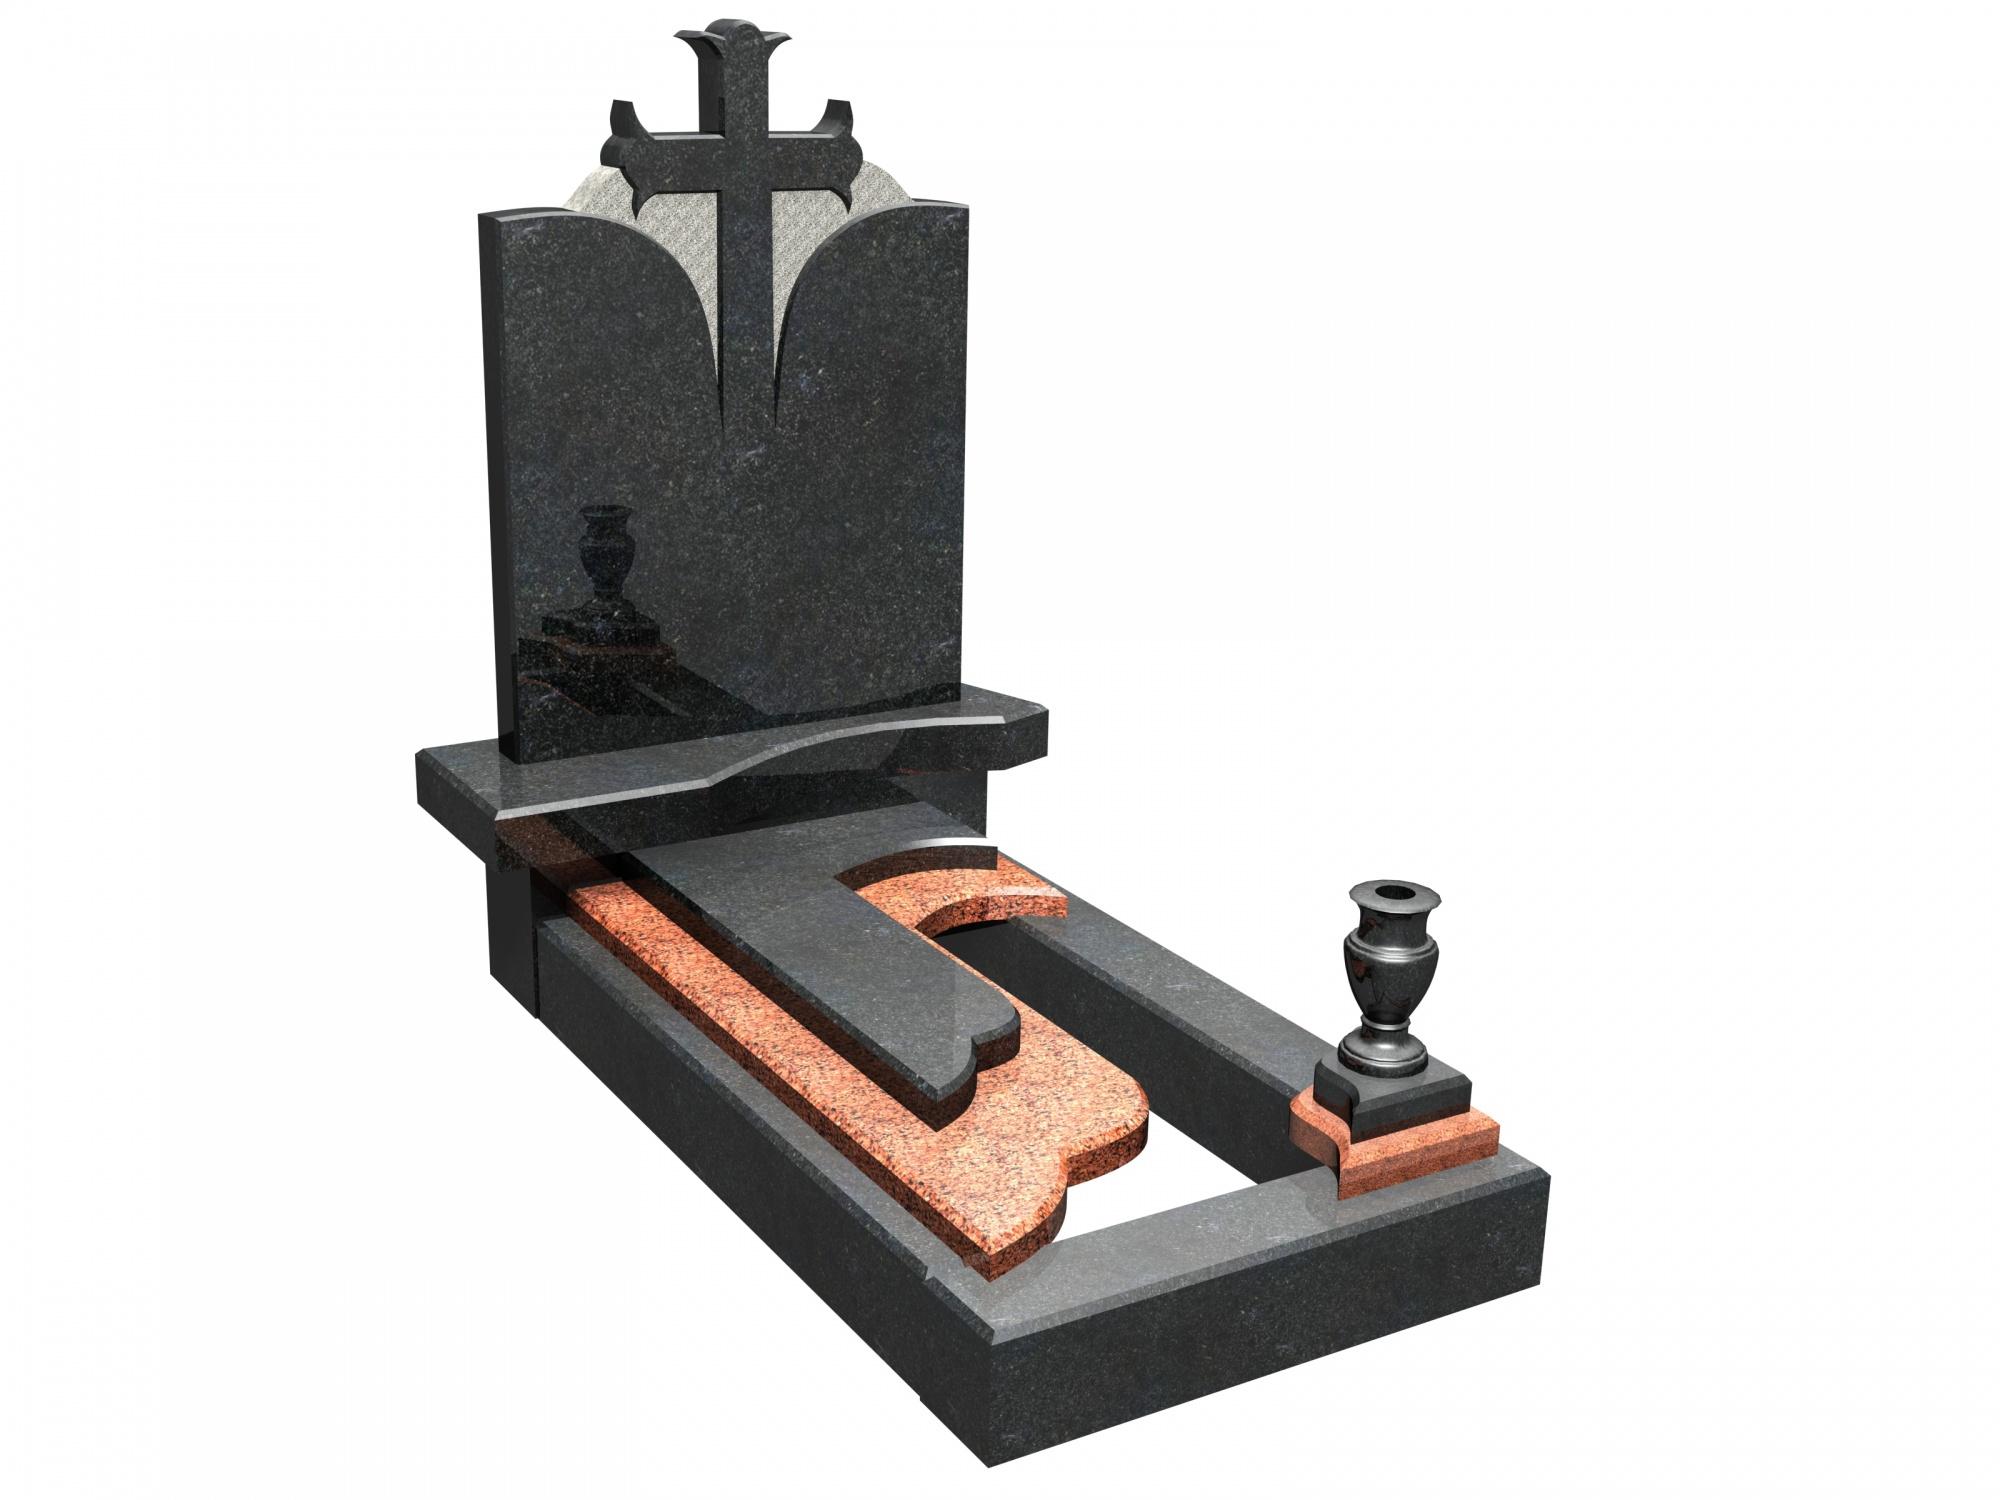 Купить гранитный памятник щебень в воронеже надгробные памятники образцы пенза